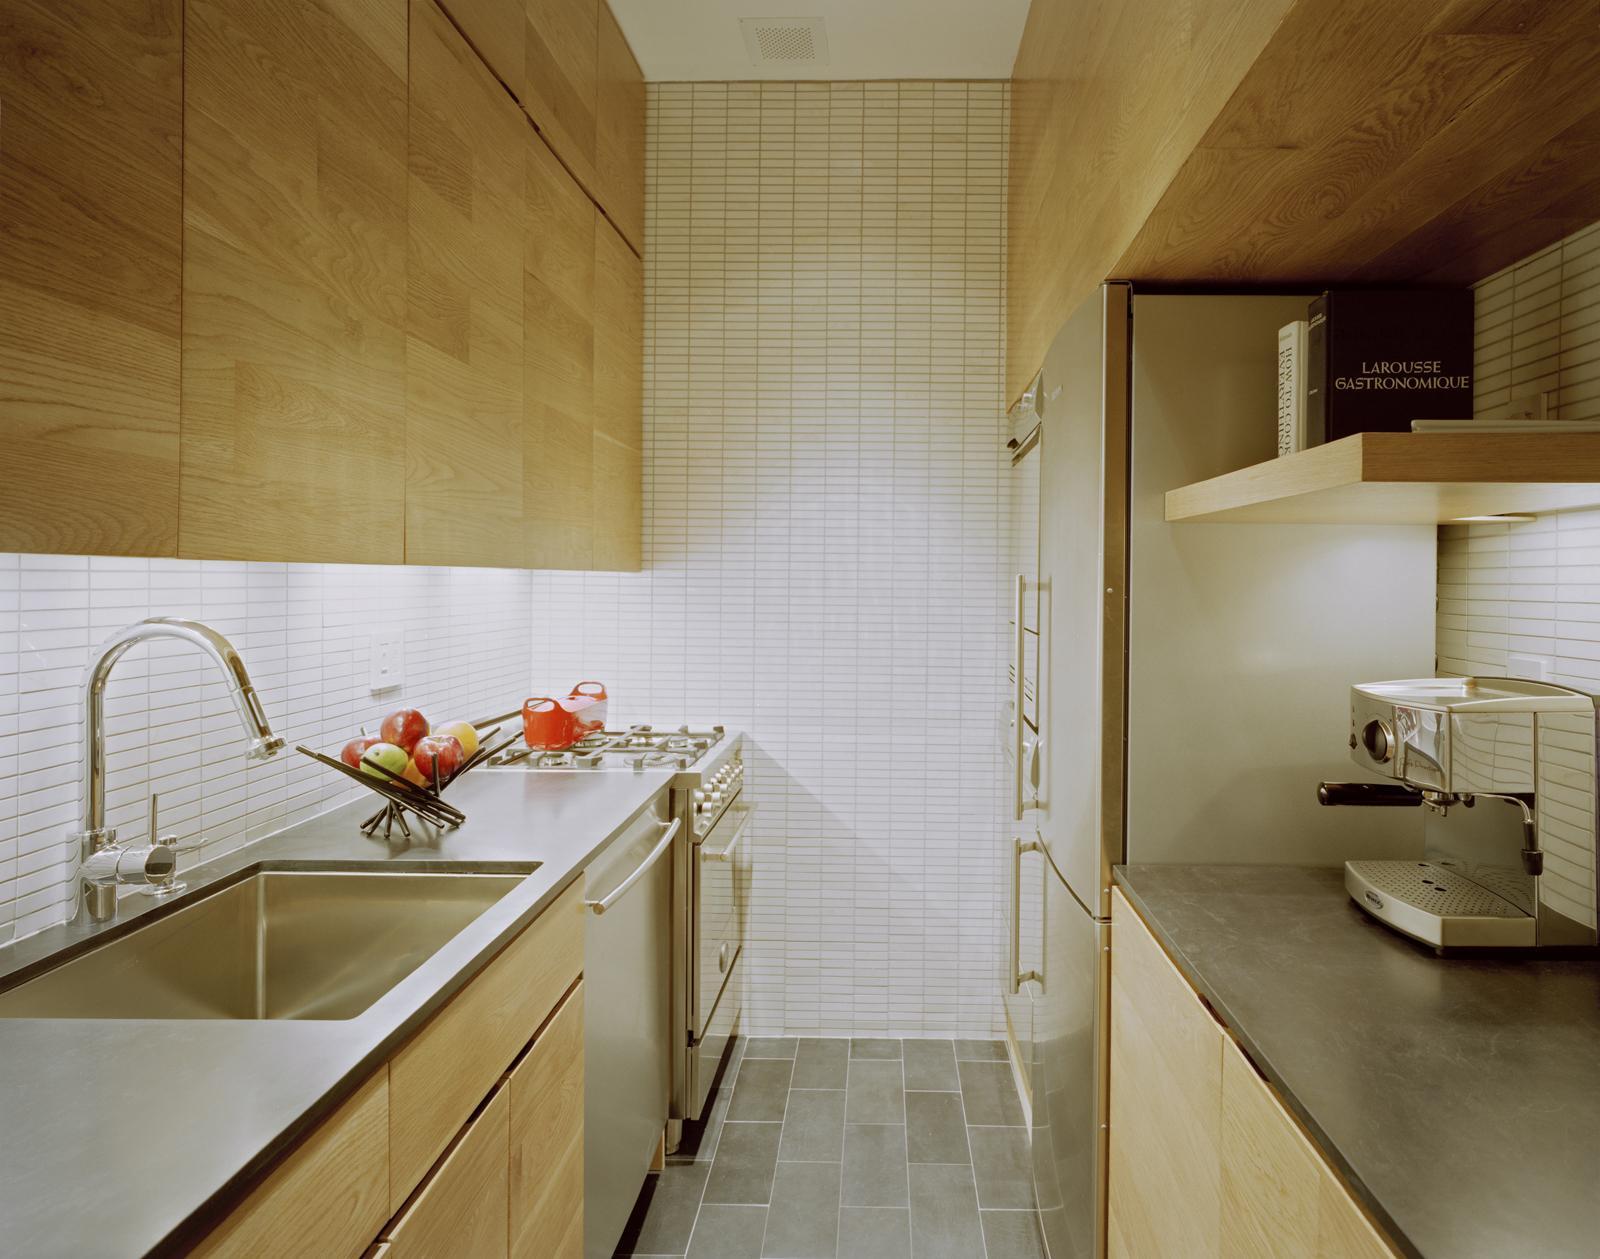 E-Village-Studio-tiny-space-kitchen.jpg (1600×1259)